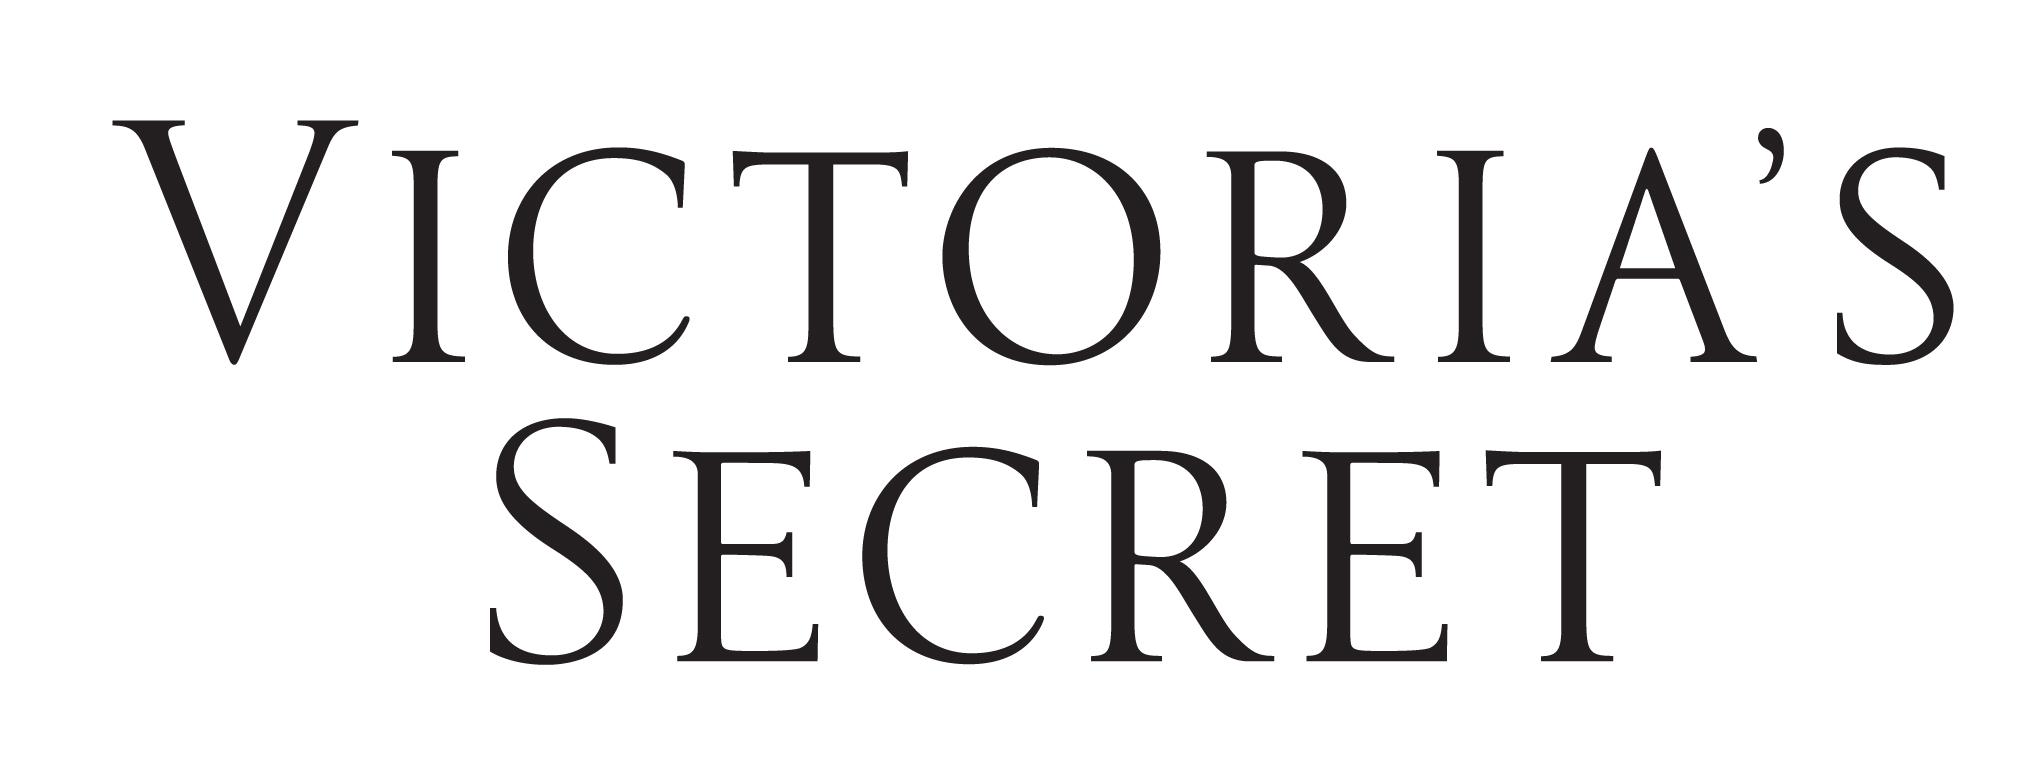 Victoria's Secret Specials